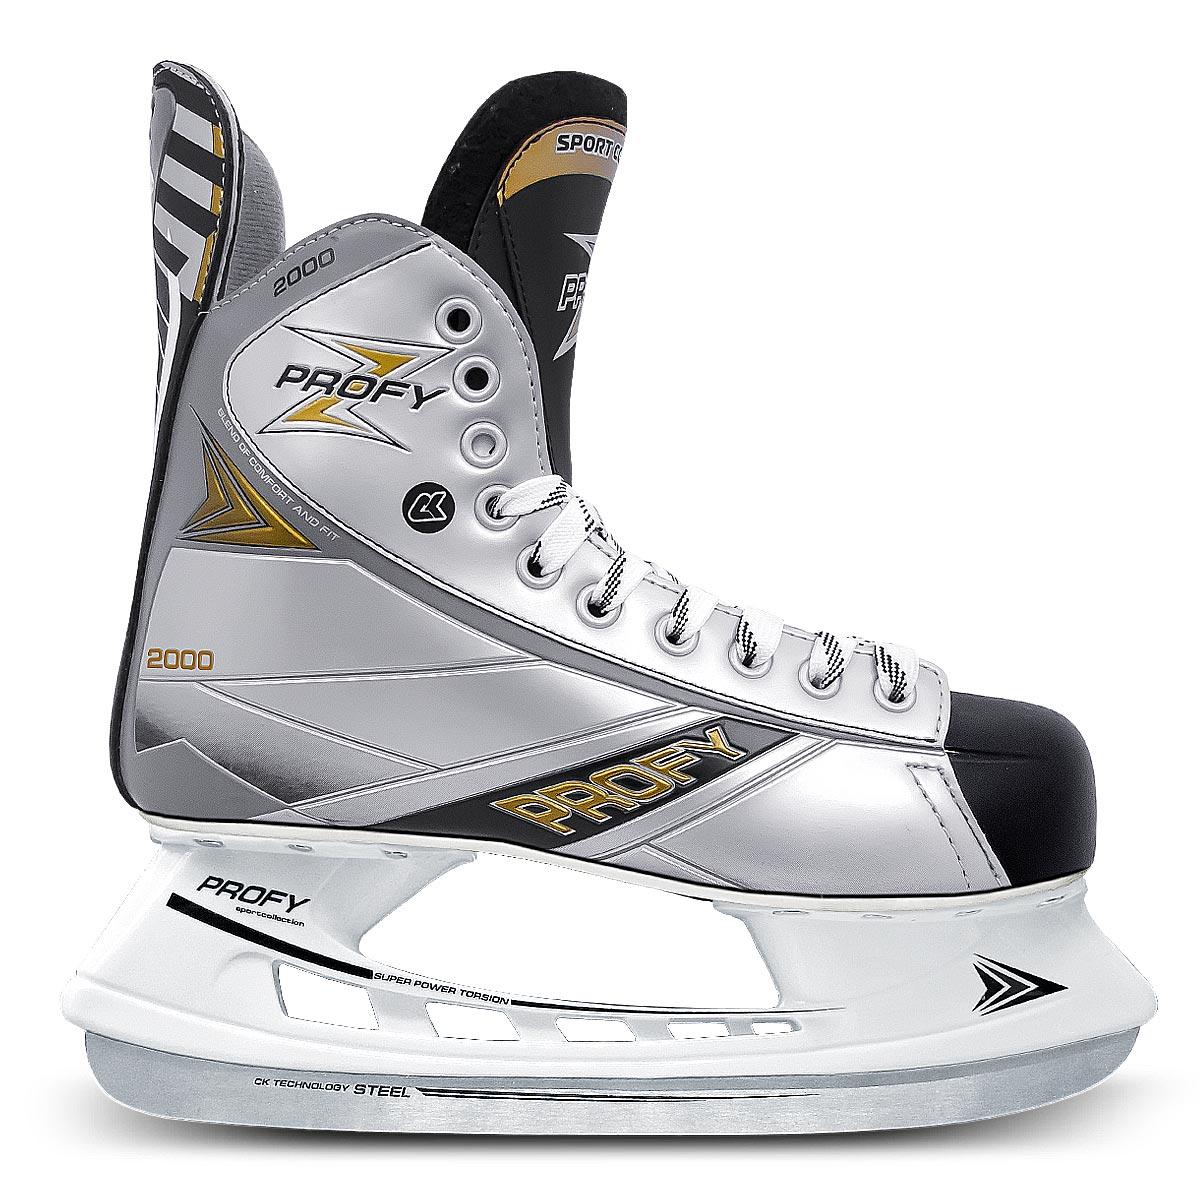 Коньки хоккейные мужские СК Profy Z 2000, цвет: черный, серый. Размер 45PROFY Z 2000_черный, серый_45Стильные мужские коньки от CK Profy Z 2000 прекрасно подойдут для начинающих игроков в хоккей. Ботинок выполнен из морозоустойчивой искусственной кожи и ПВХ. Мыс дополнен вставкой, которая защитит ноги от ударов. Внутренний слой и стелька изготовлены из мягкого текстиля, который обеспечит тепло и комфорт во время катания, язычок - из войлока. Плотная шнуровка надежно фиксирует модель на ноге. Голеностоп имеет удобный суппорт. По верху коньки декорированы тиснением в виде логотипа бренда. Подошва - из твердого пластика. Стойка выполнена из ударопрочного поливинилхлорида. Лезвие из углеродистой нержавеющей стали обеспечит превосходное скольжение. Оригинальные коньки придутся вам по душе.